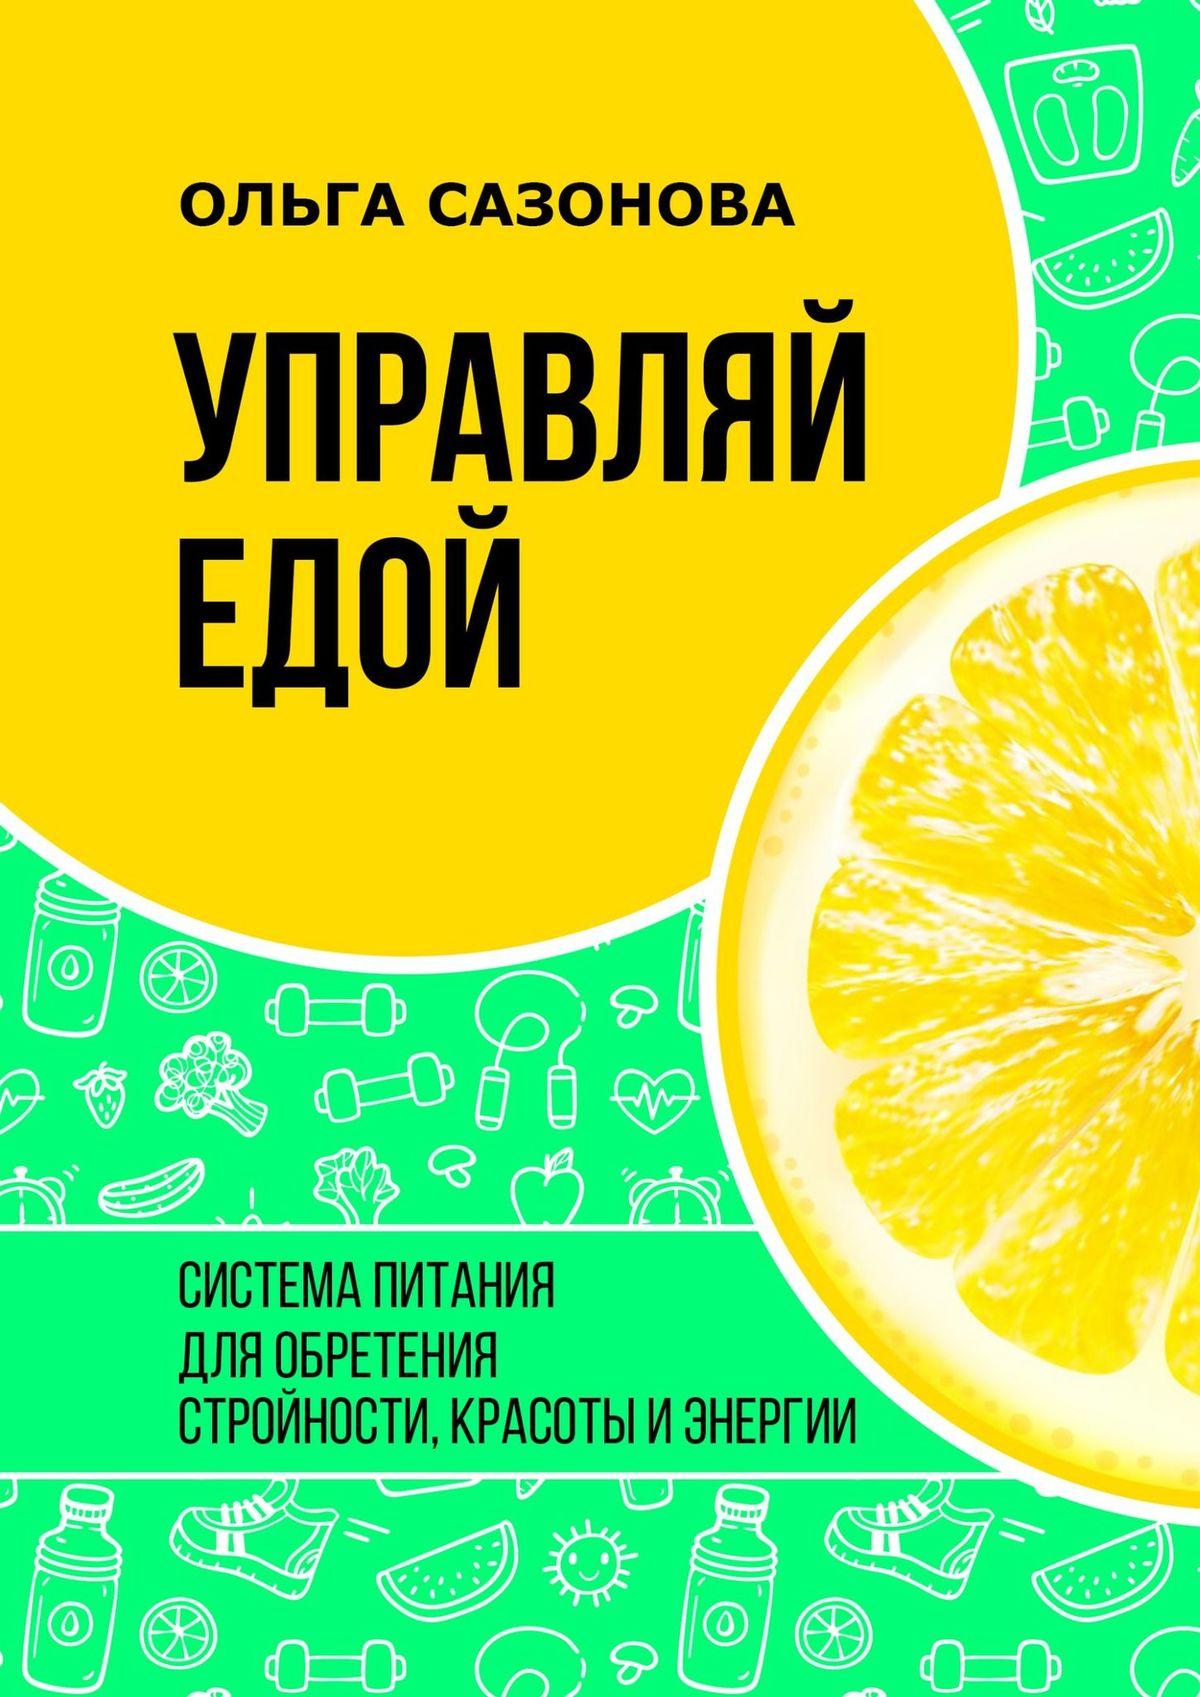 Ольга Сазонова Управляй едой. Система питания для обретения стройности, красоты и энергии